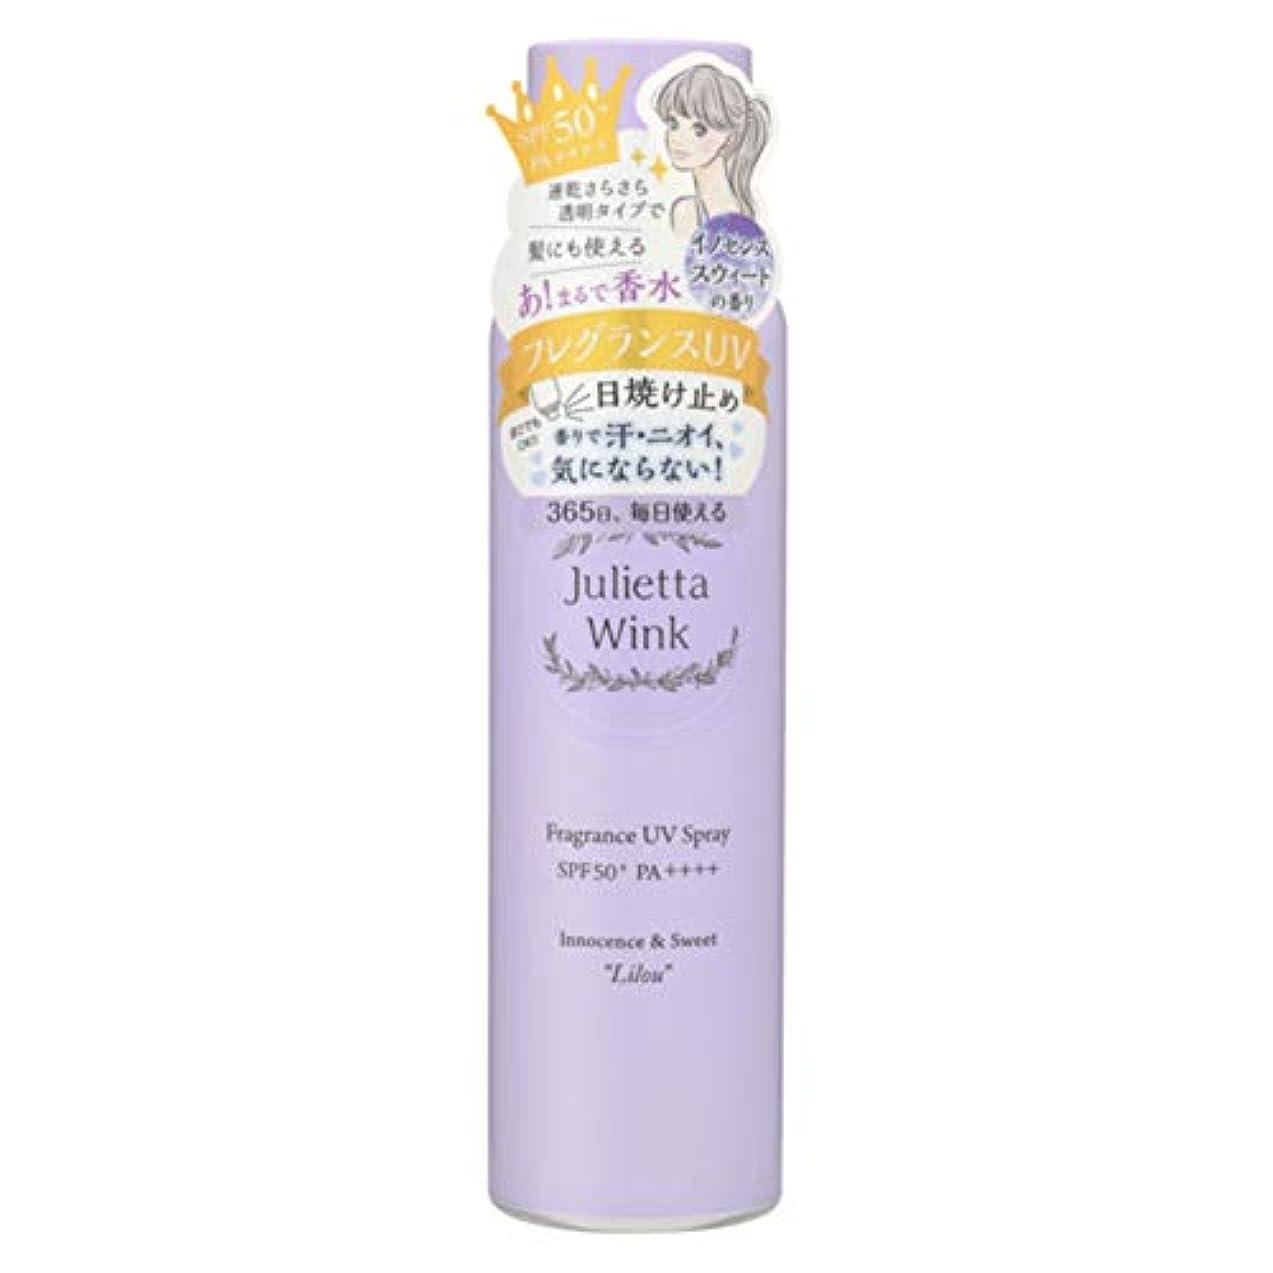 女王機関車通常ジュリエッタウィンク フレグランス UVスプレー[リル]100g イノセンススウィートの香り(紫)